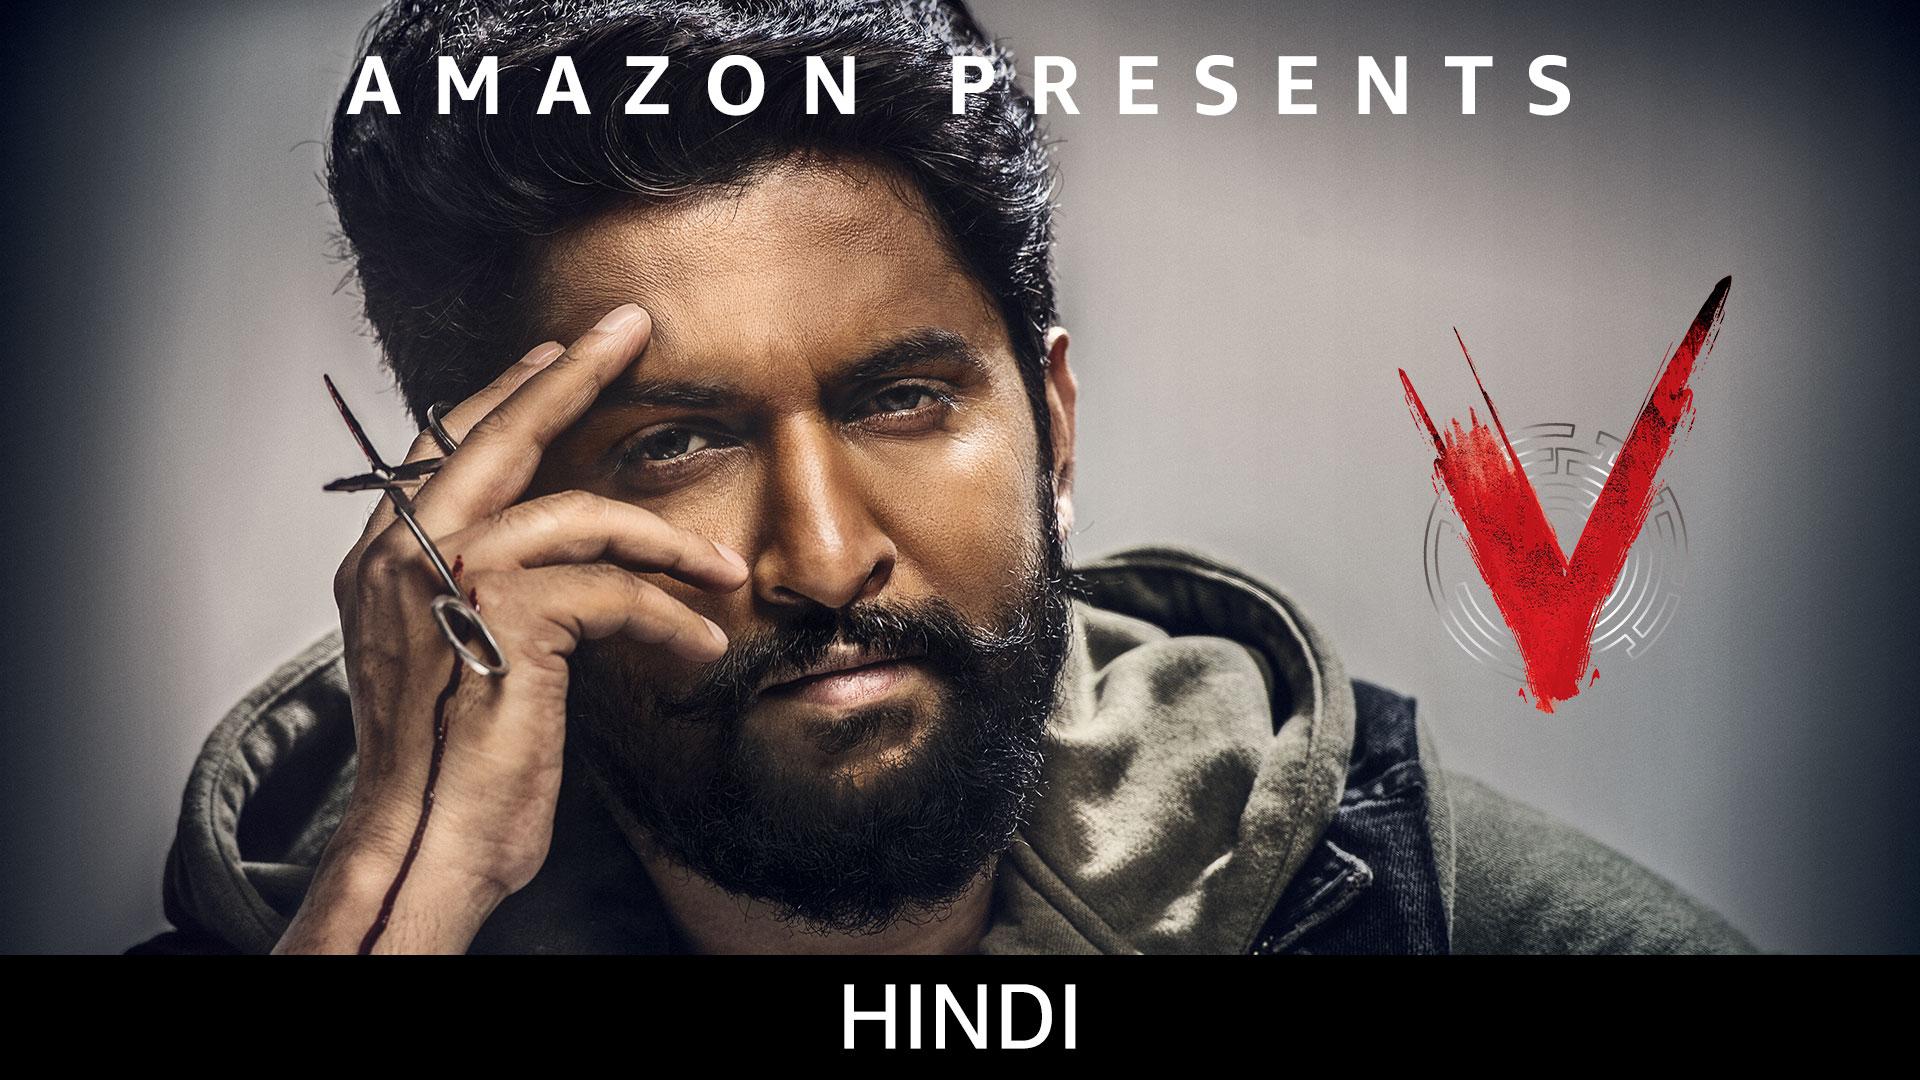 V (Hindi) [4K UHD]